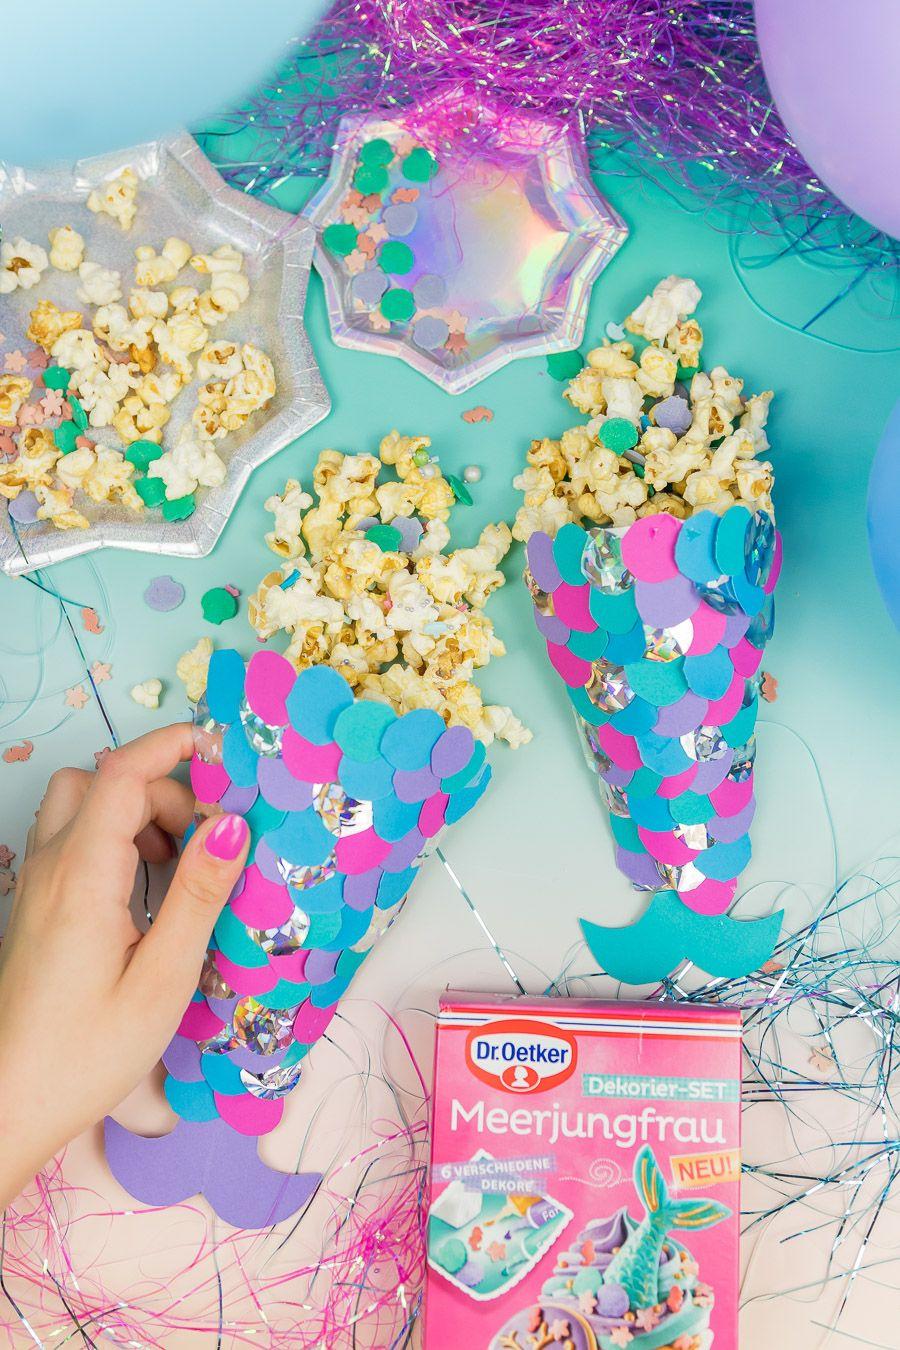 meerjungfrauen party diy ideen popcornt ten selber machen diy deko pinterest. Black Bedroom Furniture Sets. Home Design Ideas